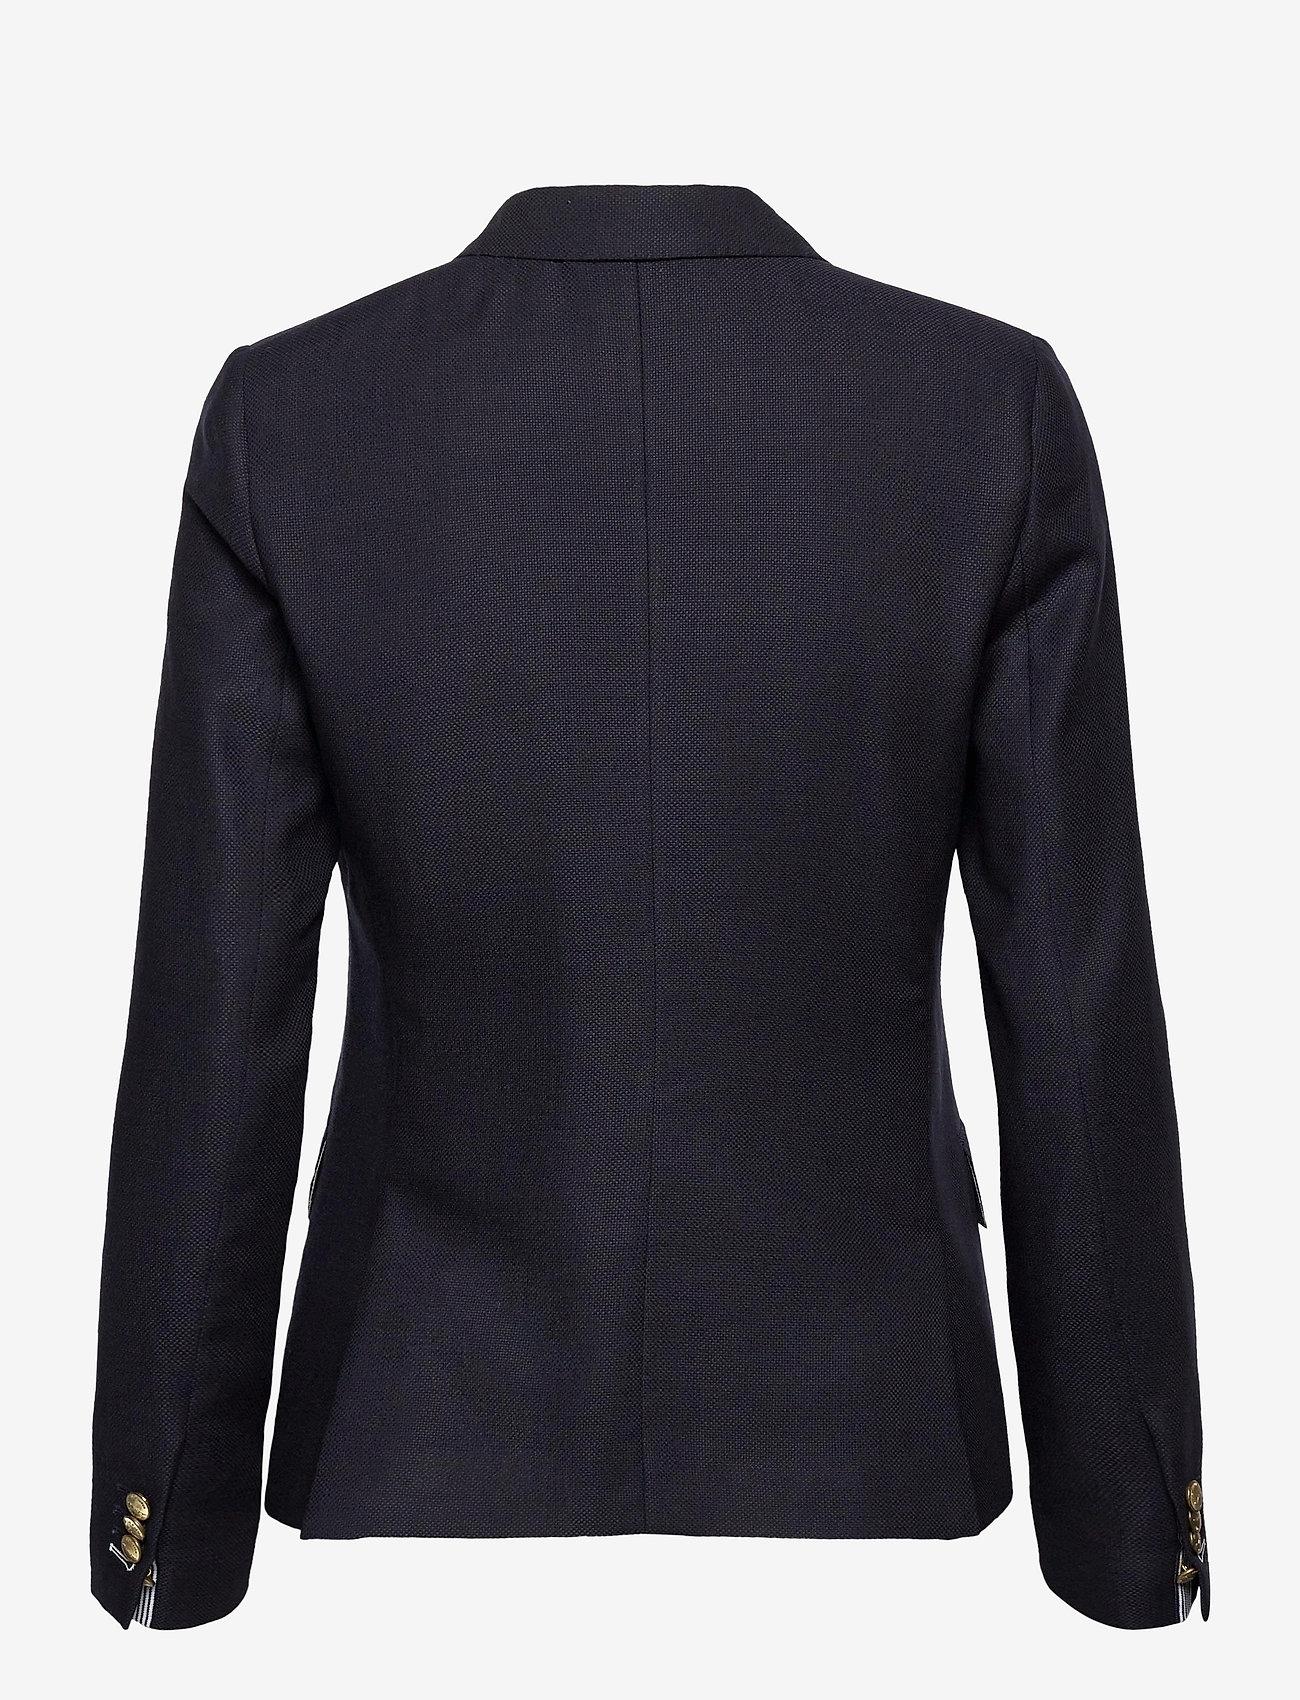 GANT - CLUB BLAZER - getailleerde blazers - evening blue - 1